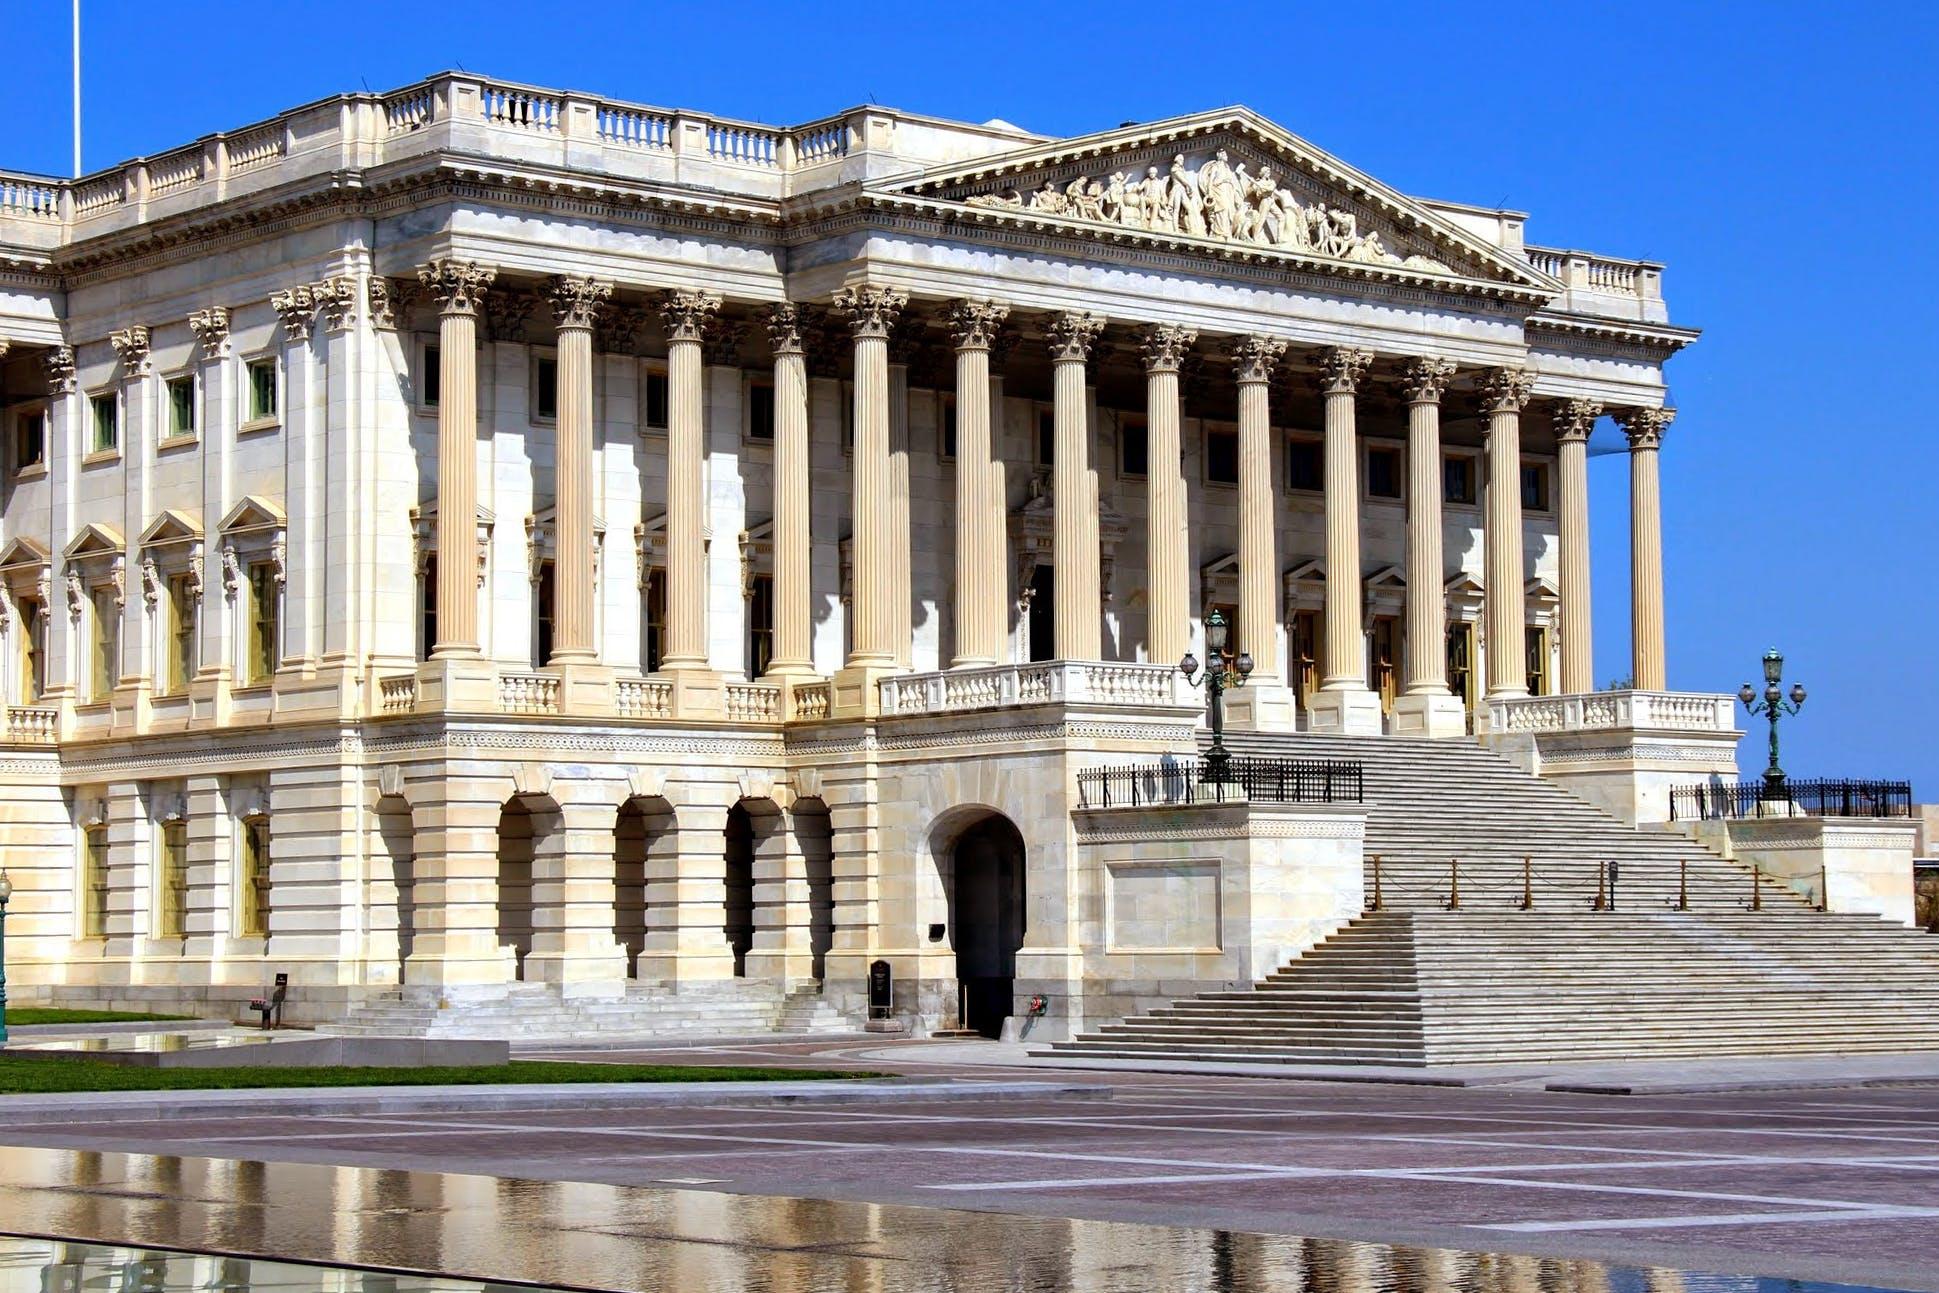 Capitol, columns, pillars